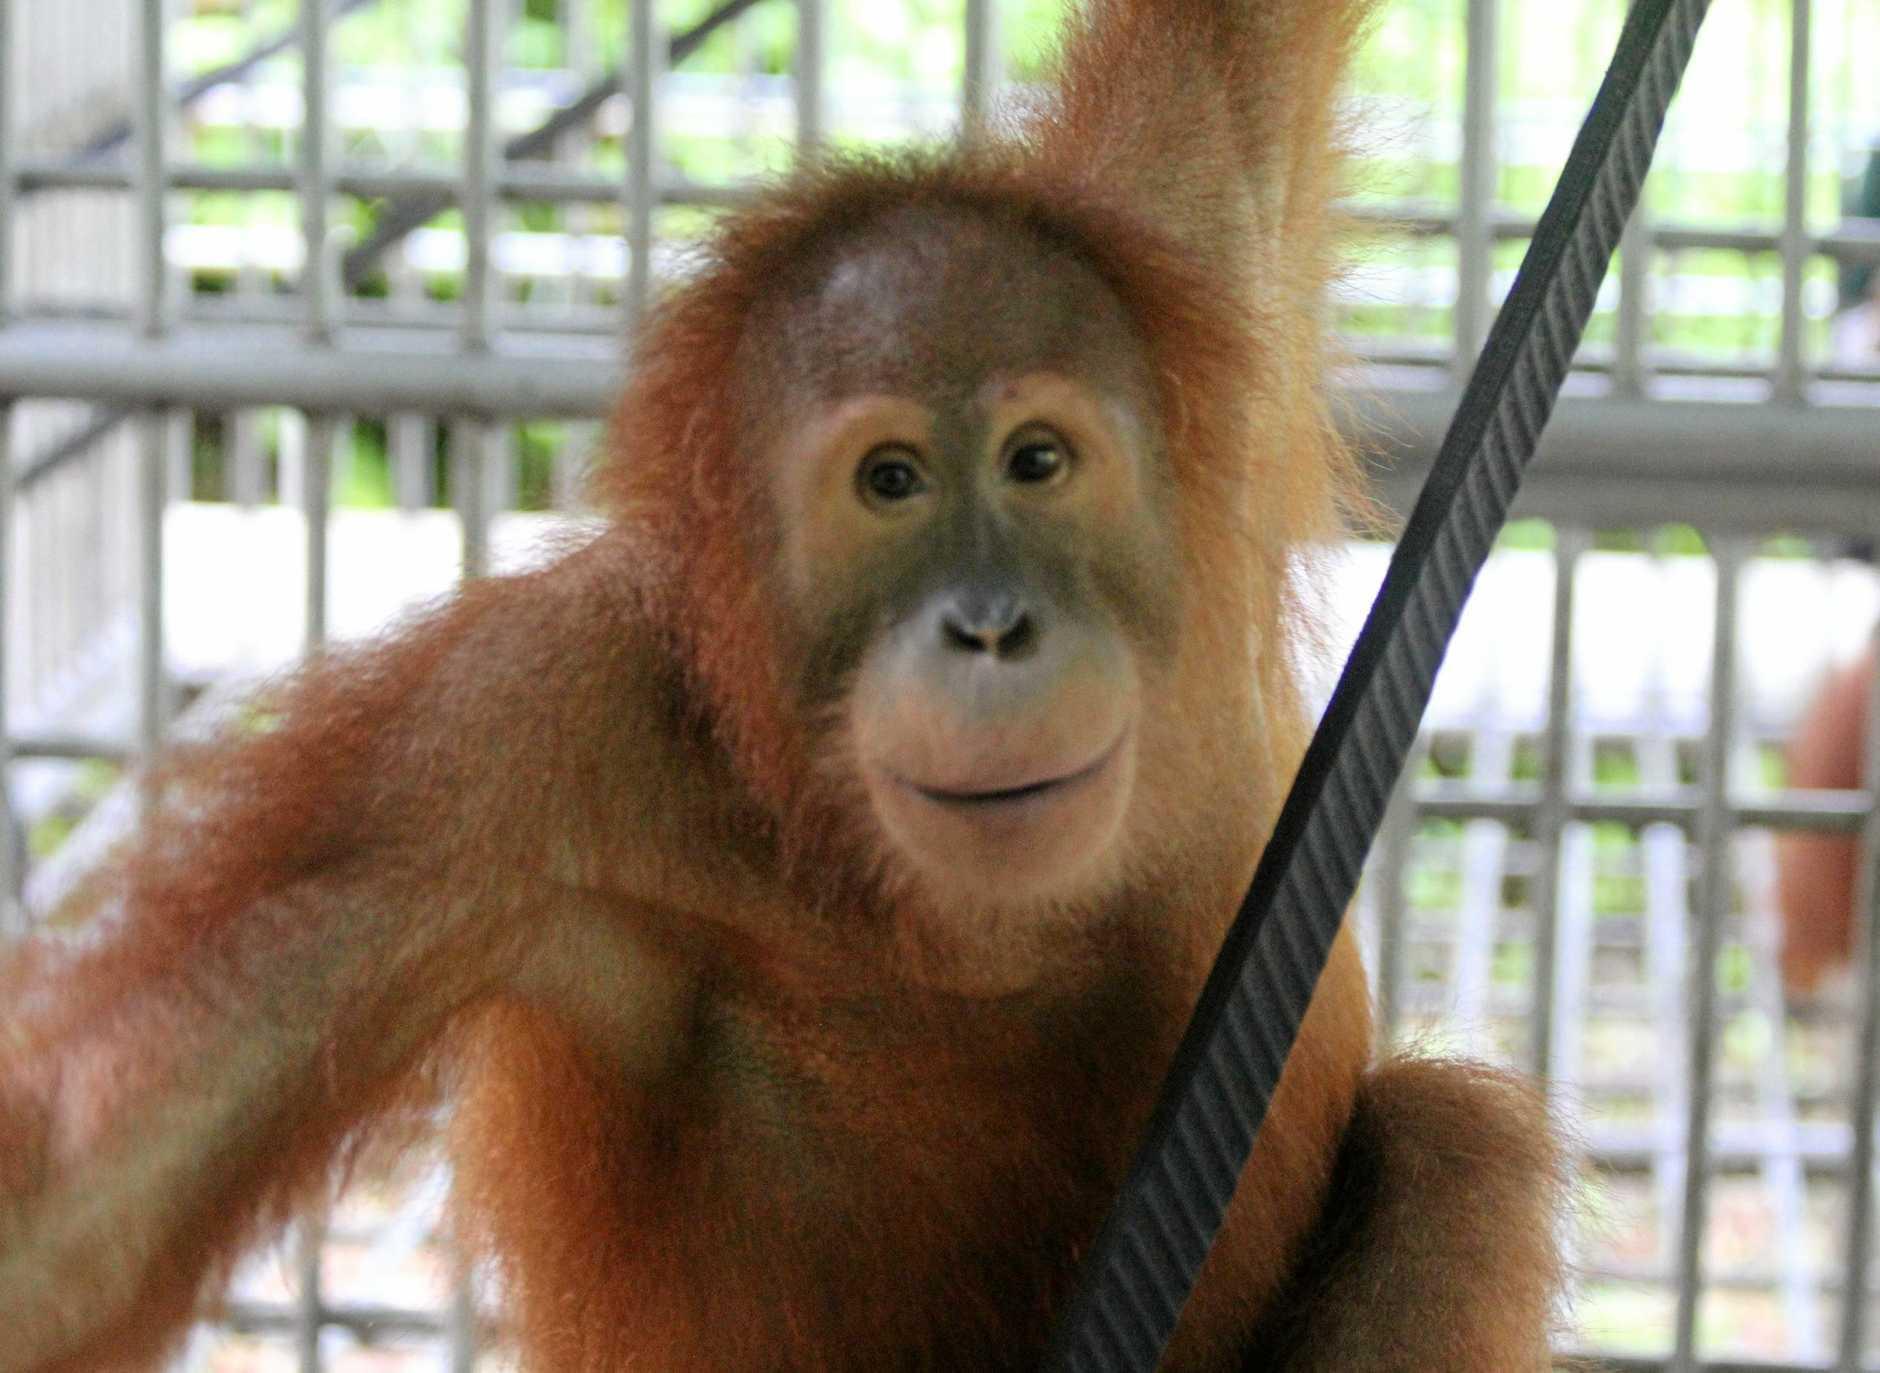 ENDANGERED SPECIES: An orangutan.